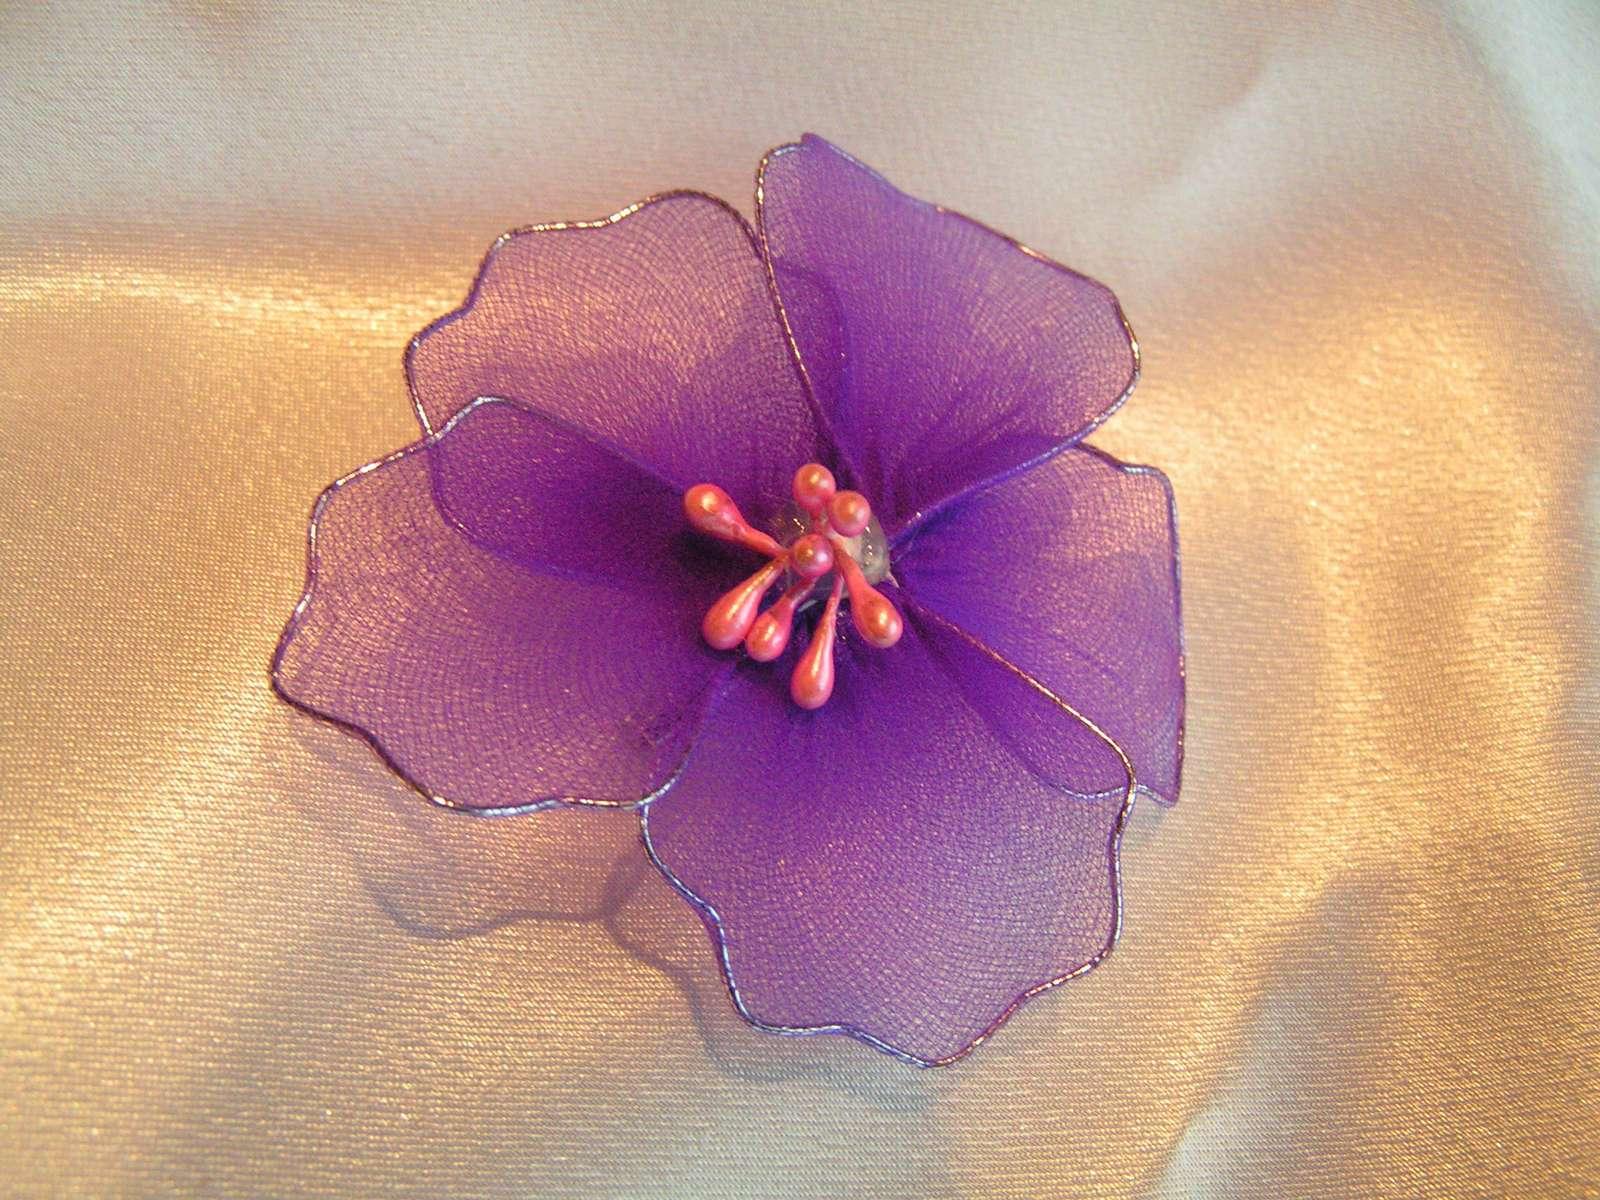 Fialové květy na zavíracím špendlíku - Obrázek č. 1